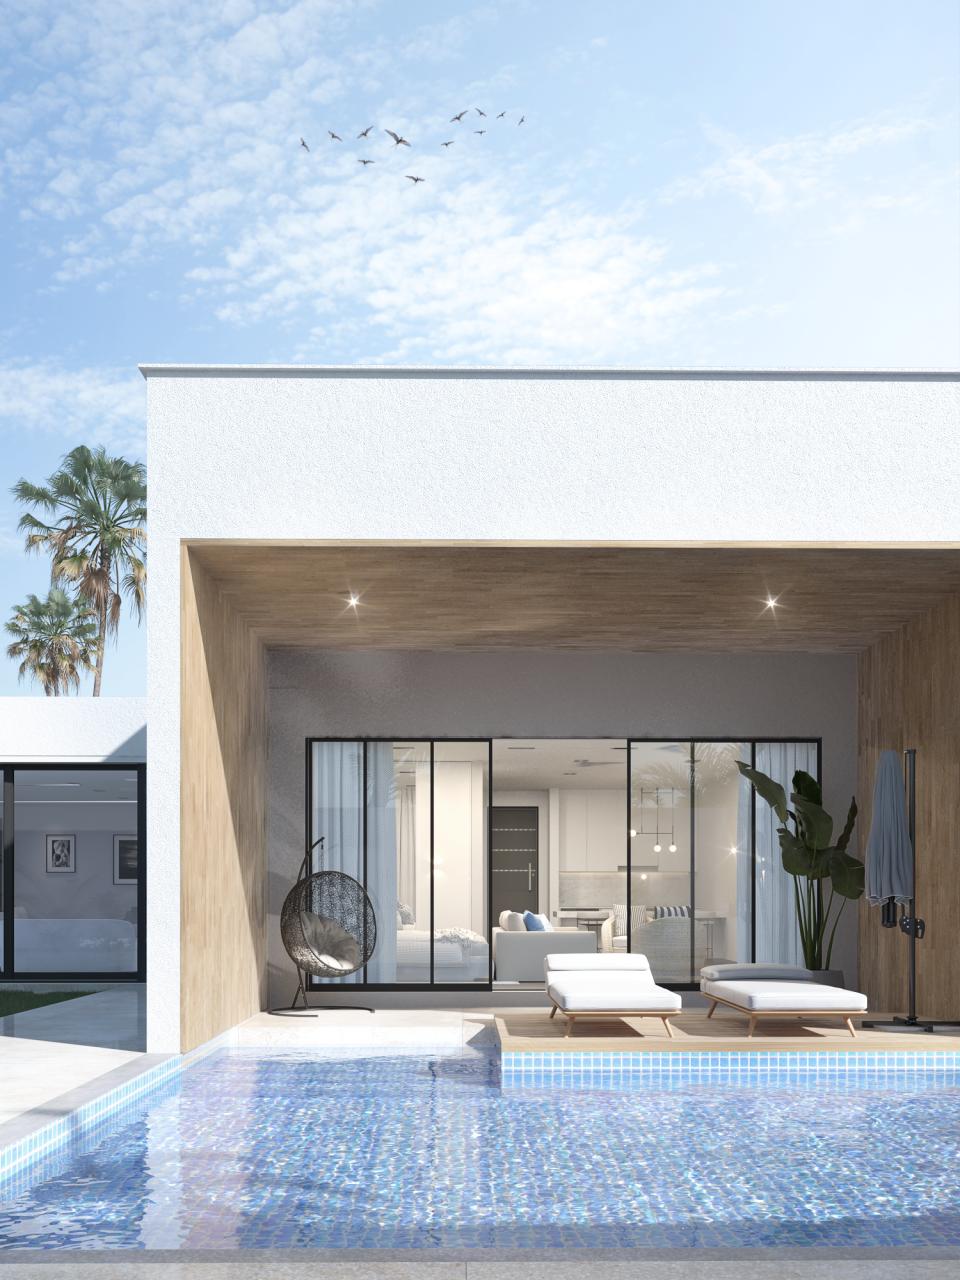 BEACH HOUSE EXTERIOR V1.effectsResult